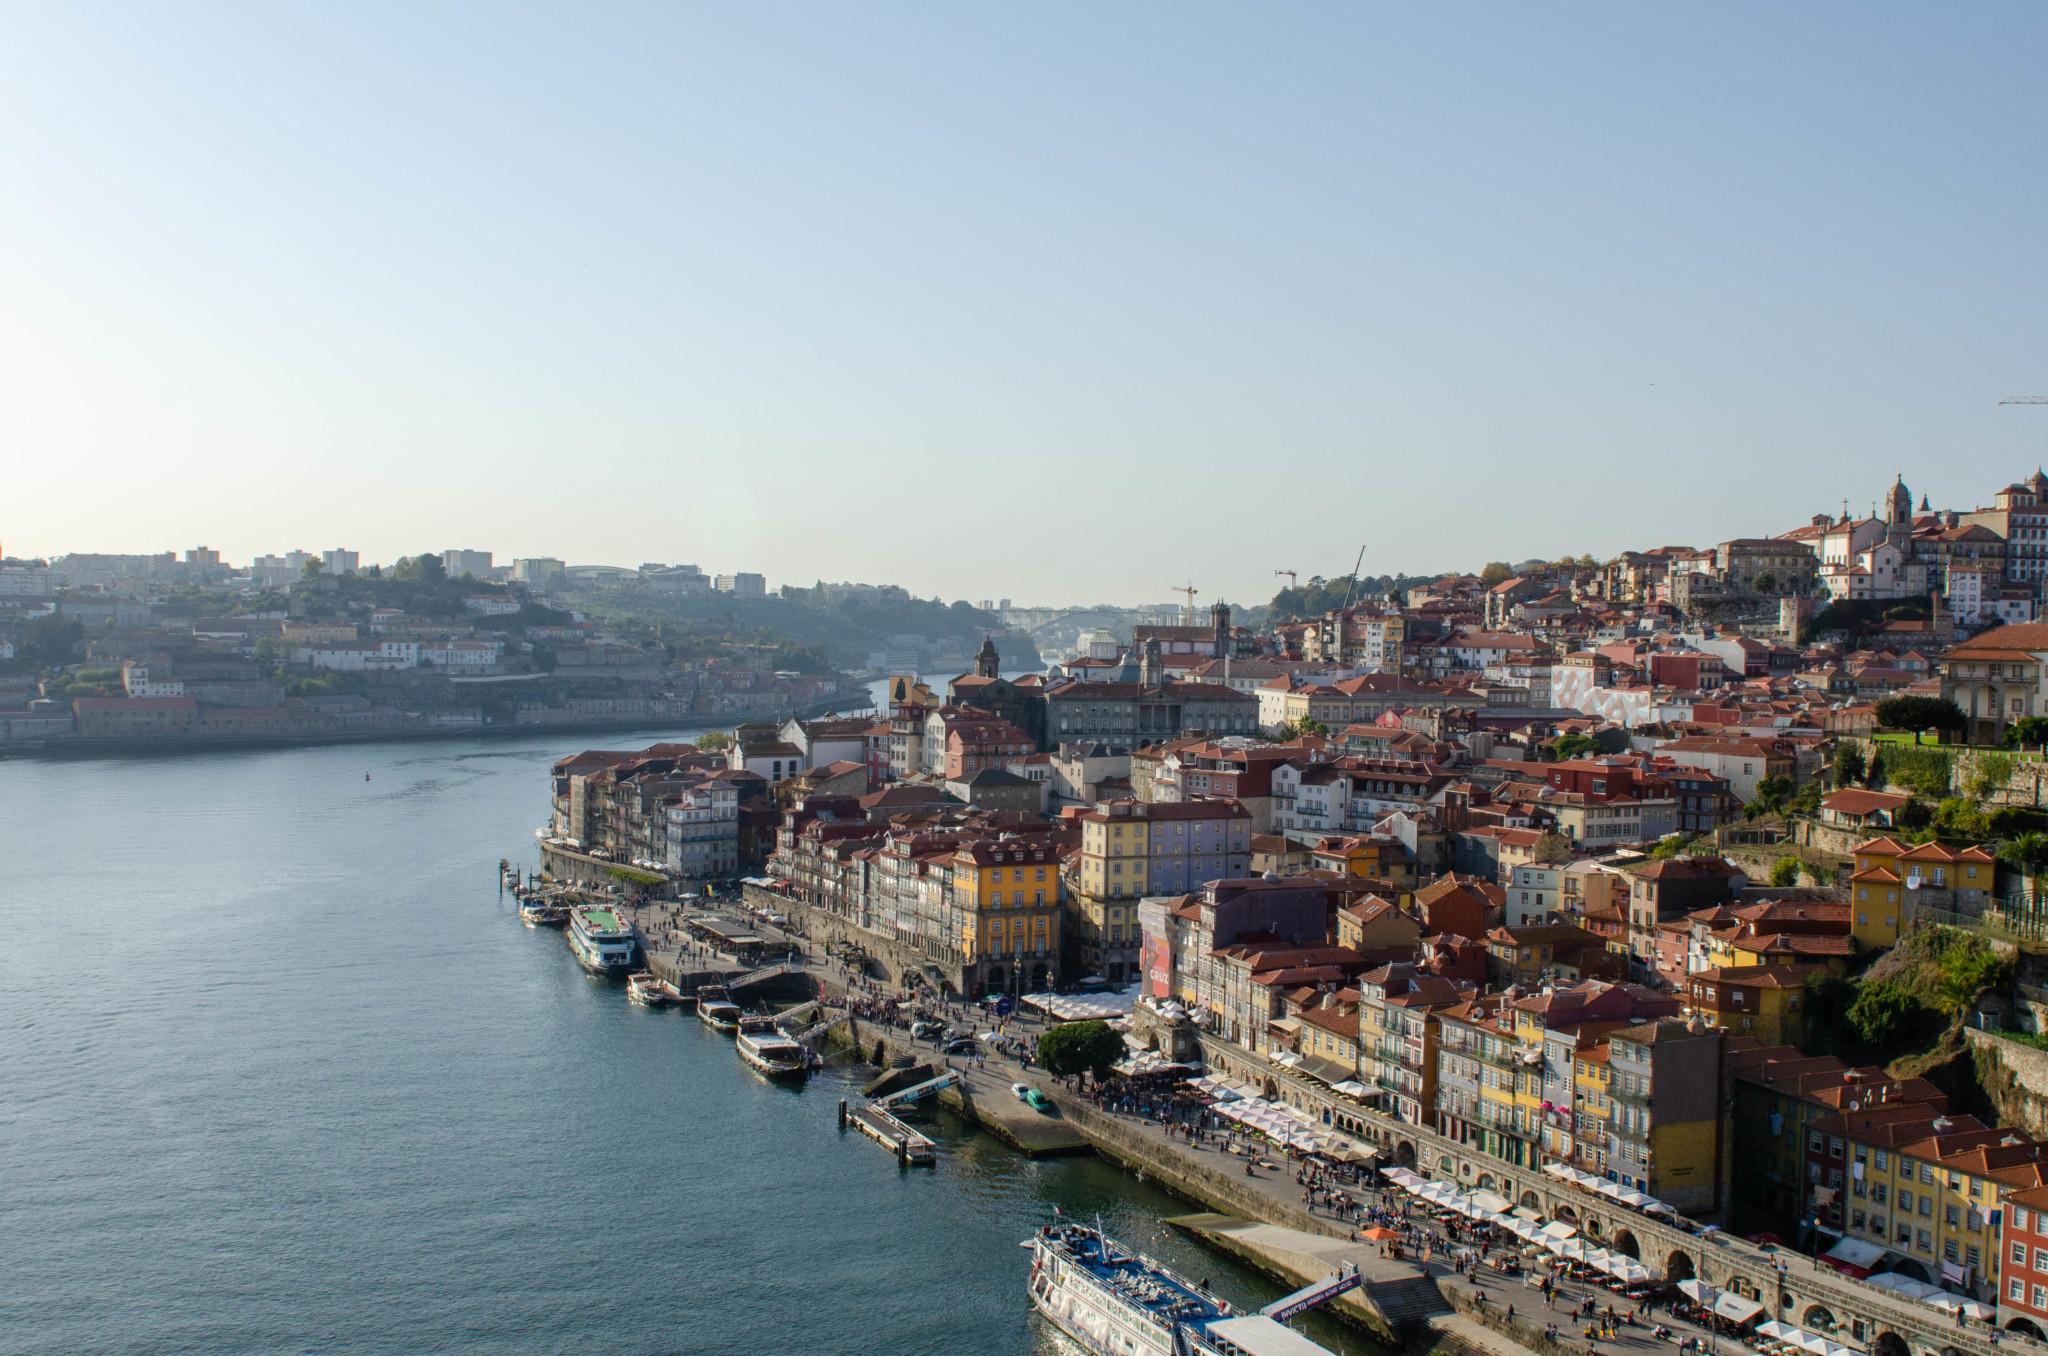 Miradouro Vitoria in Porto